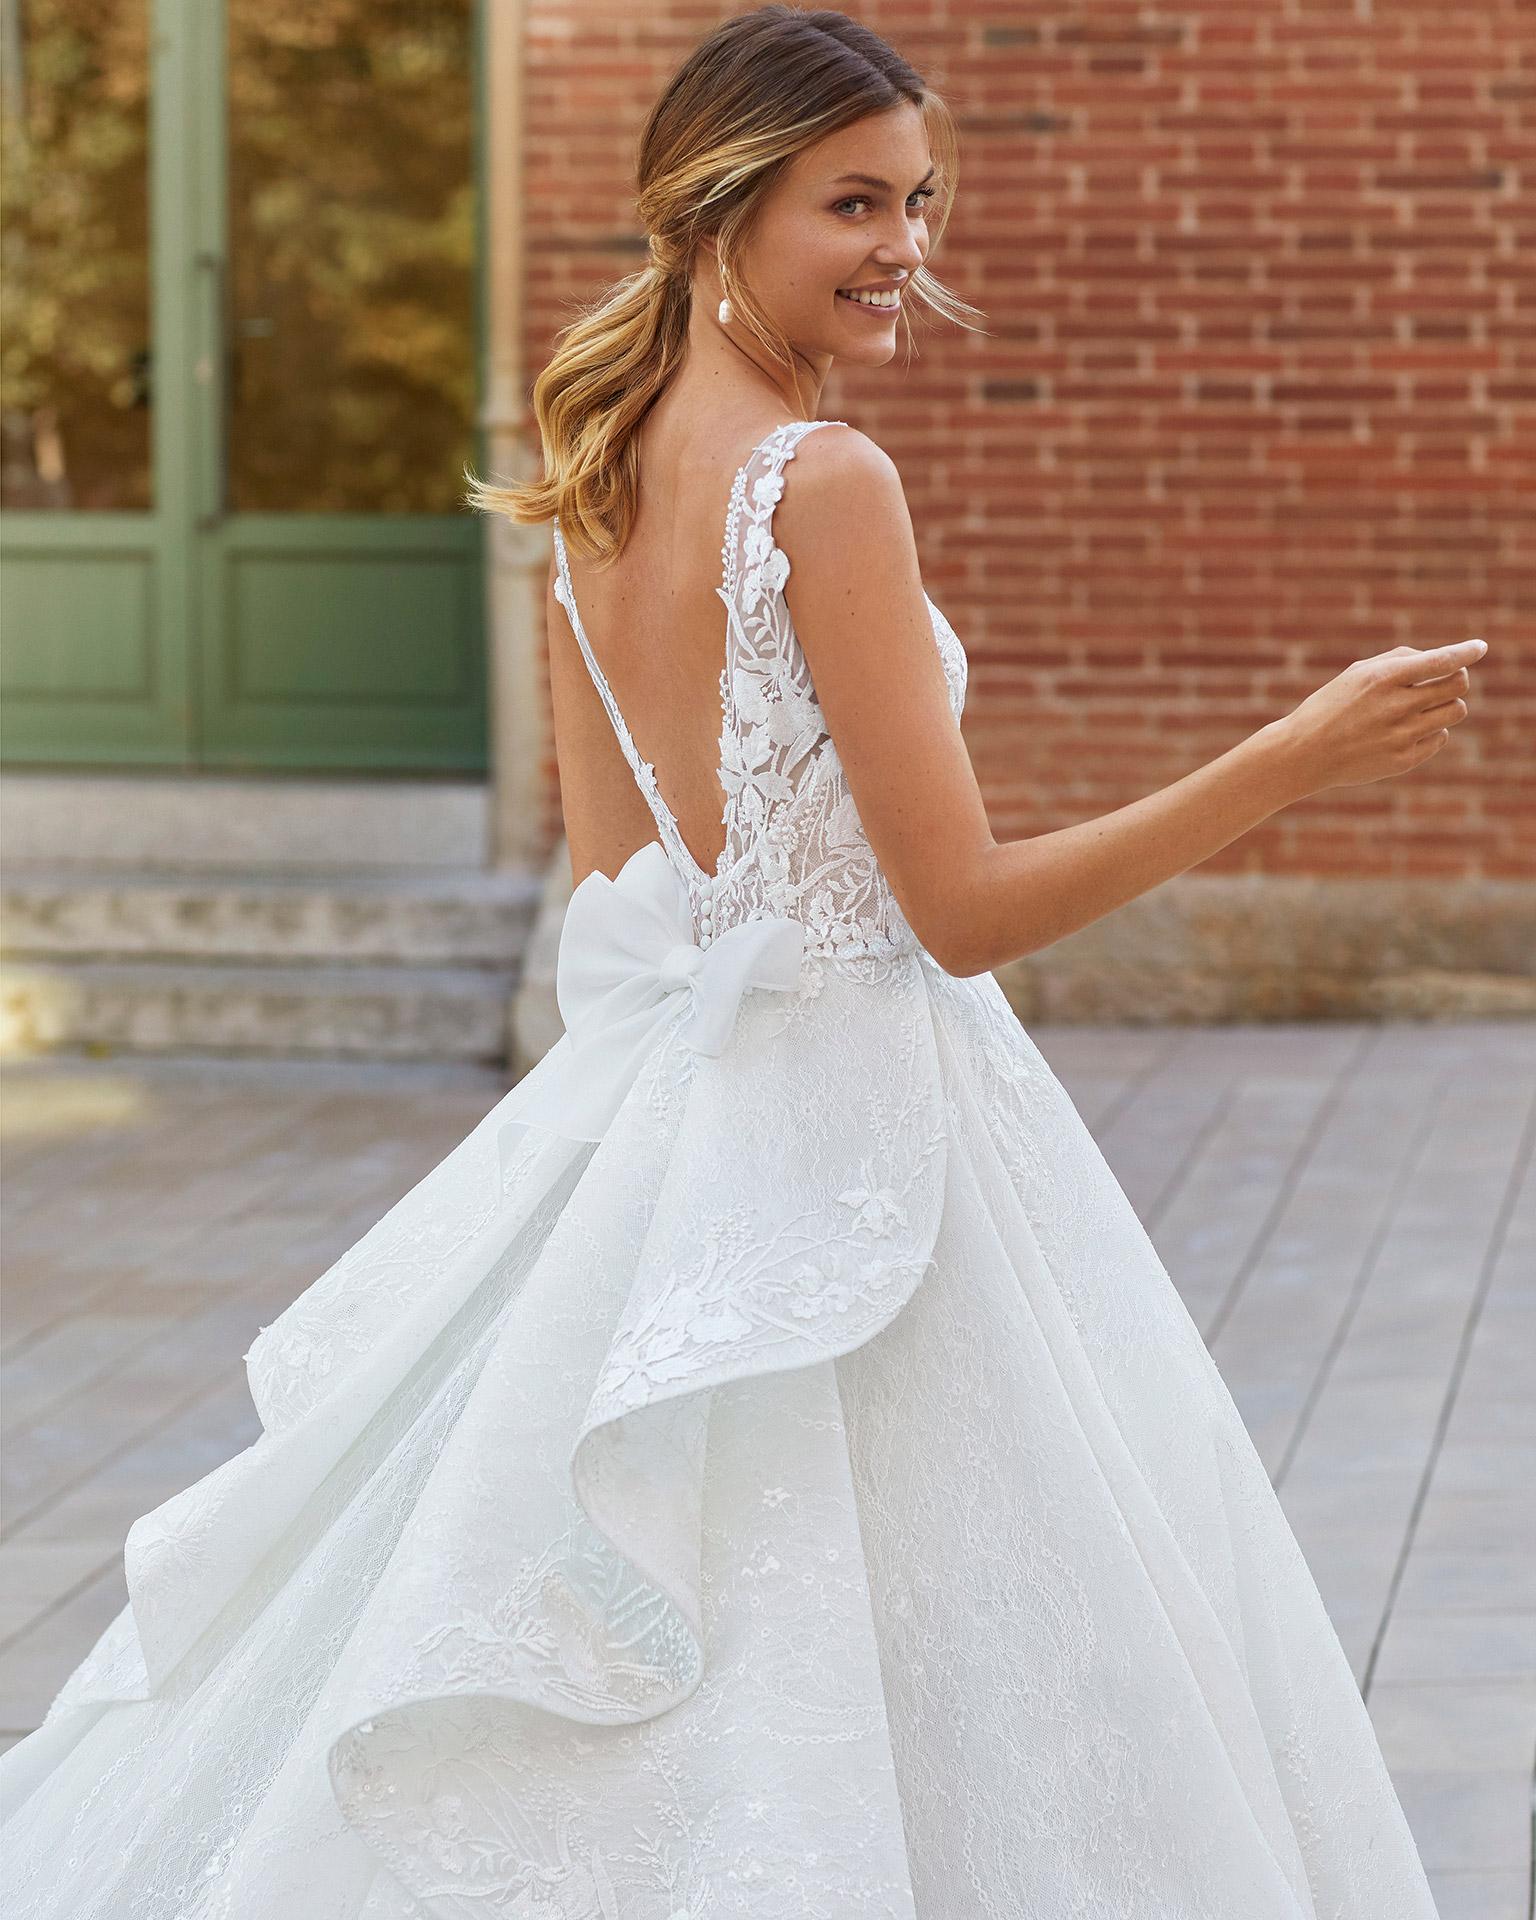 Vestido de novia estilo princesa de encaje y pedrería. Escote en pico y espalda escotada con un lazo. Colección  2021.